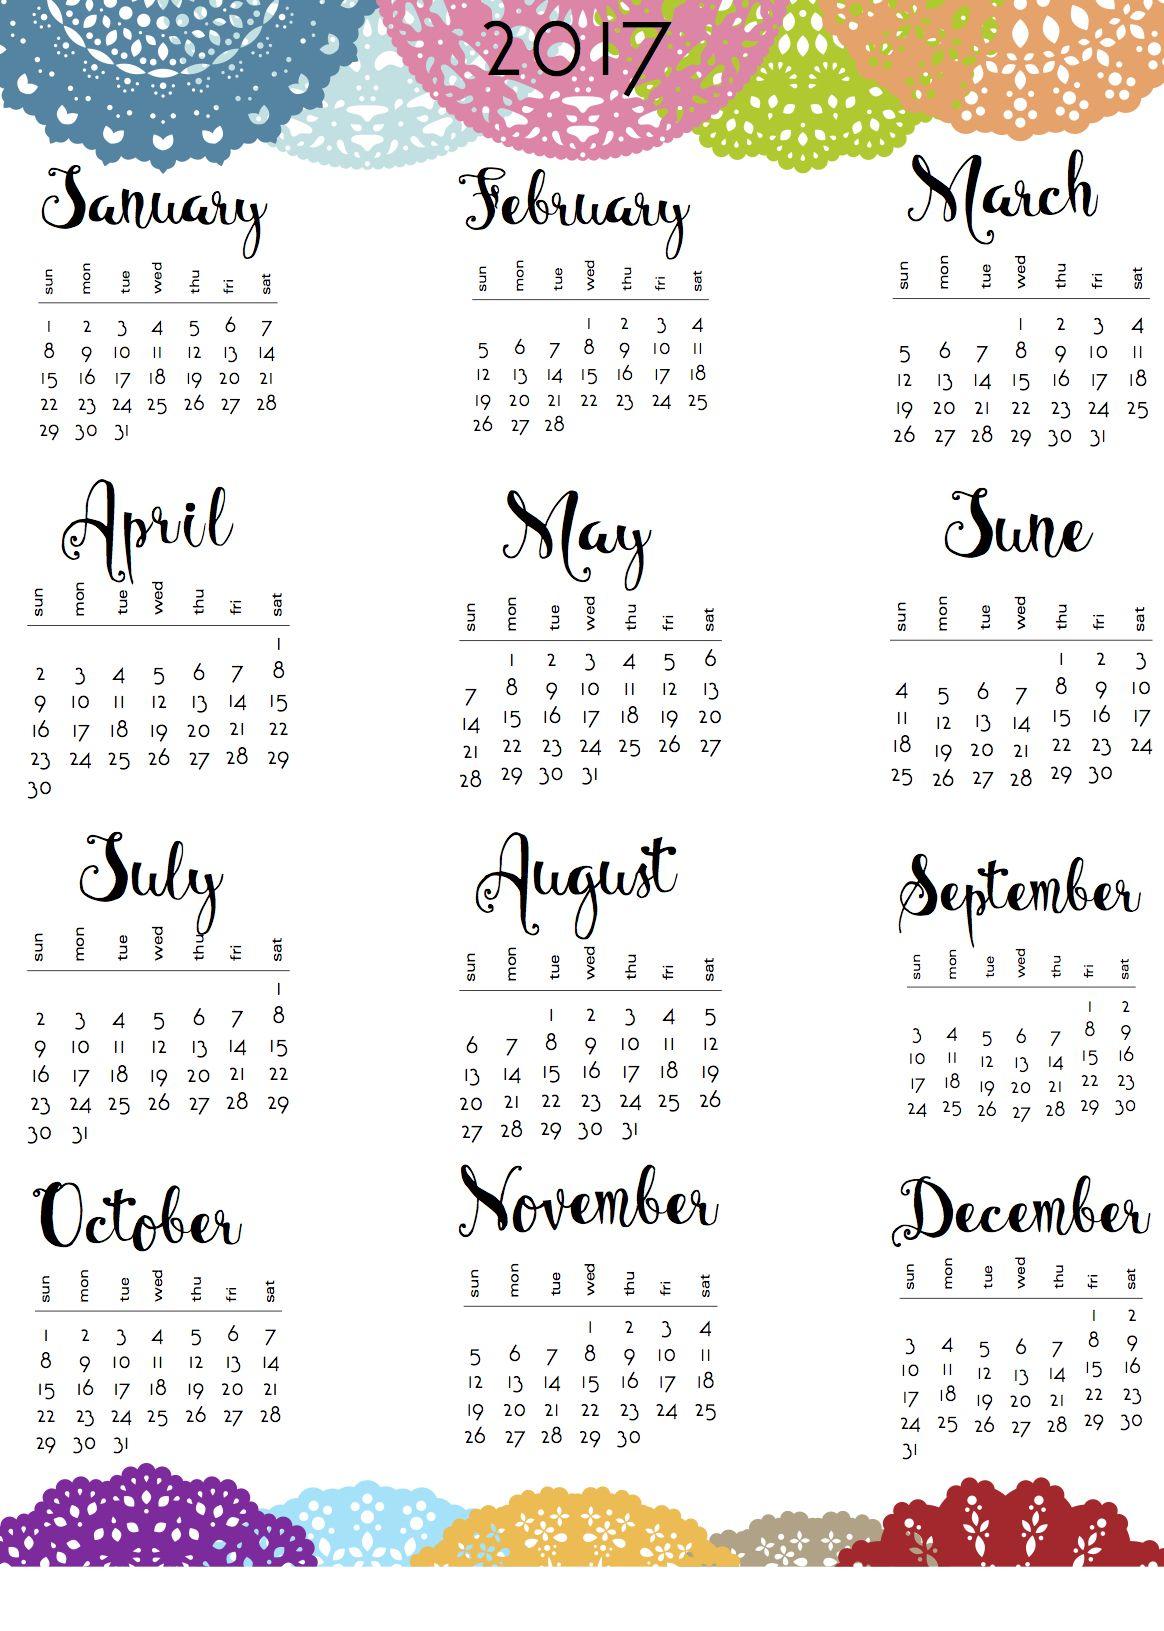 A Few Calendars By Request